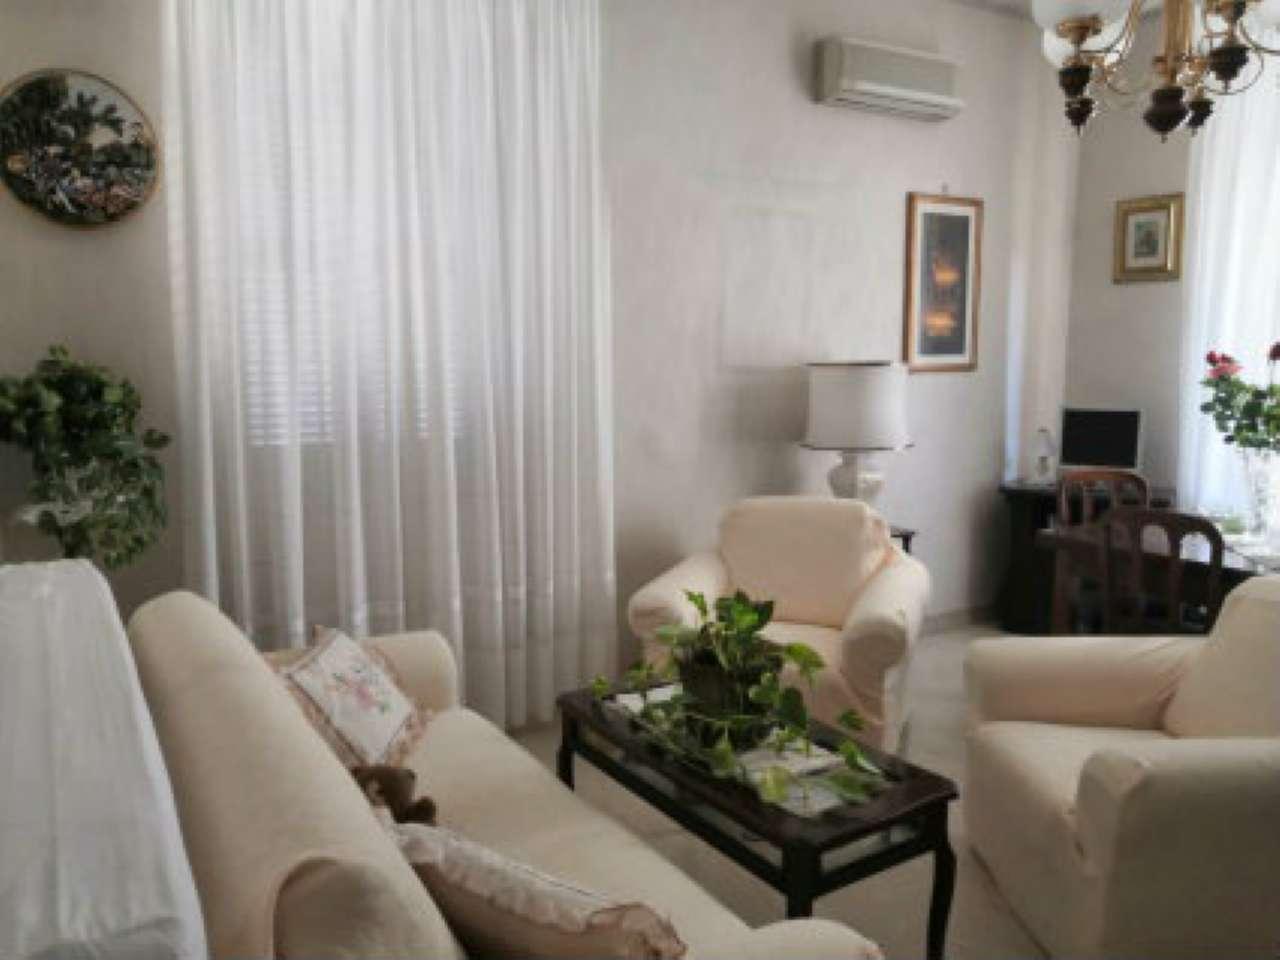 Appartamento in vendita a Roma, 3 locali, zona Zona: 9 . Prenestino, Collatino, Tor Sapienza, Torre Spaccata, Tor Tre Teste, Torre Maura, prezzo € 120.000   CambioCasa.it